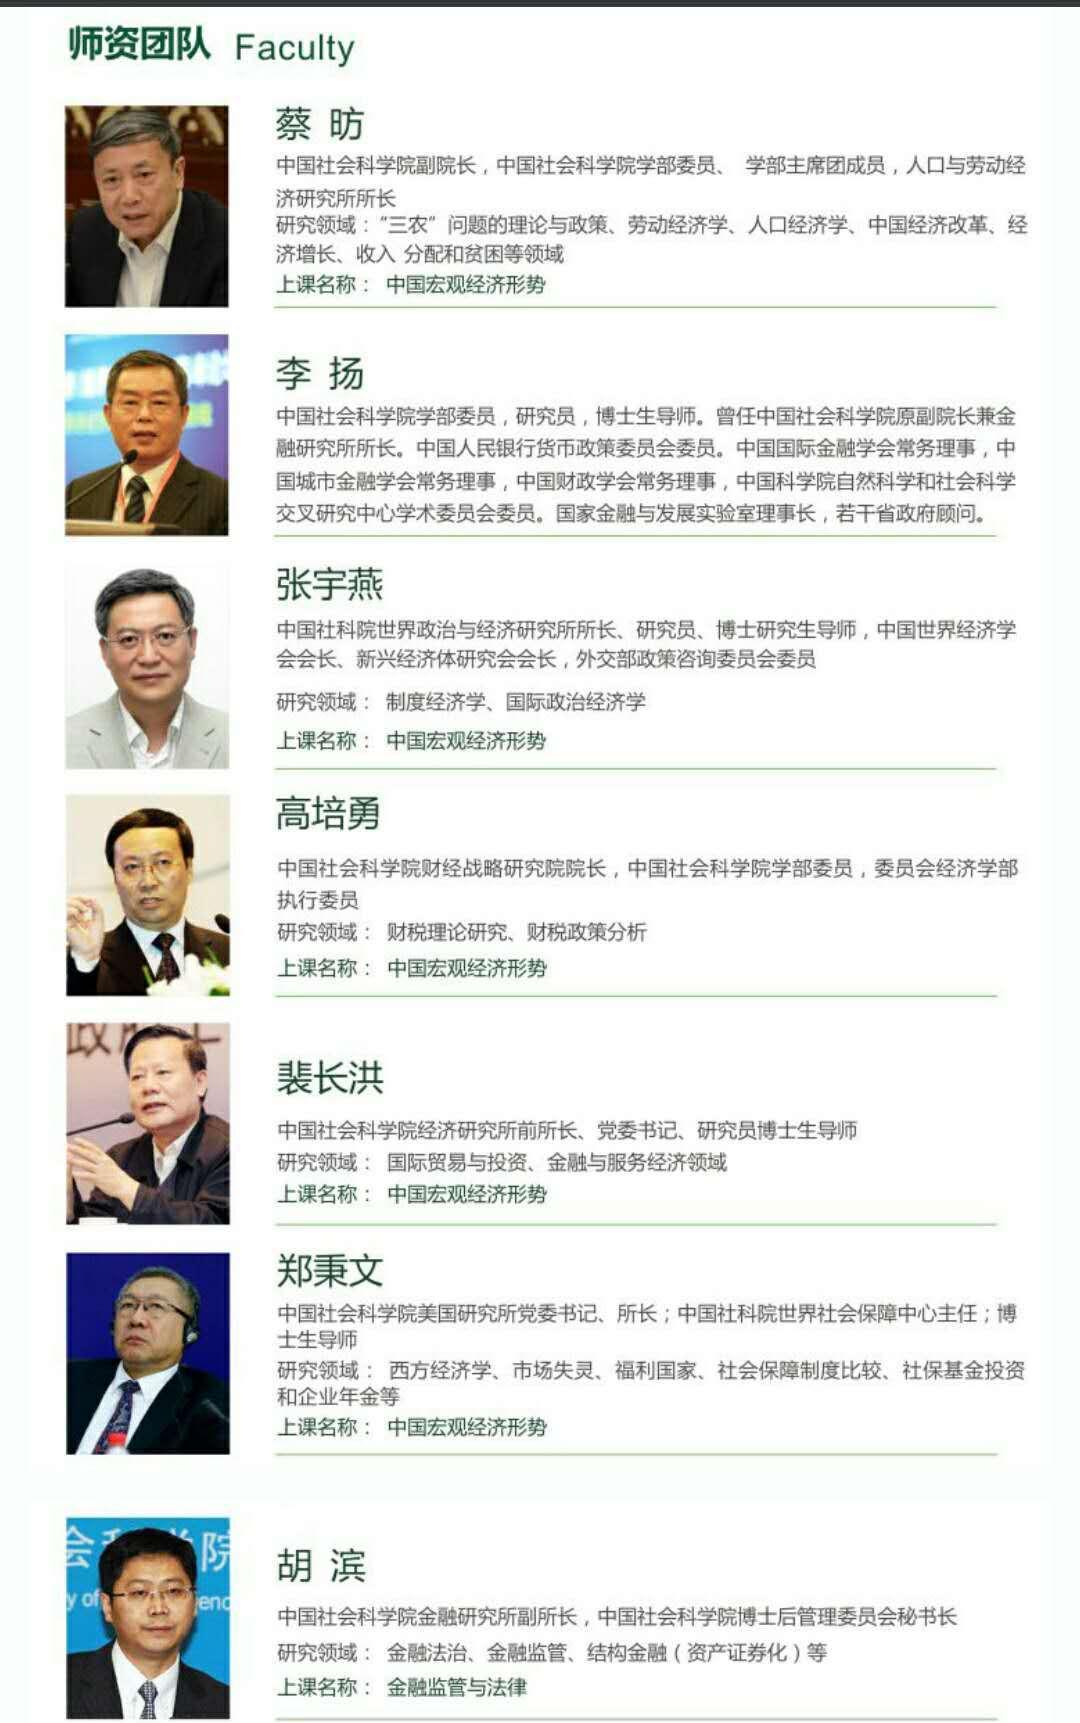 中國社科院杜蘭大學金融管理碩士師資介紹